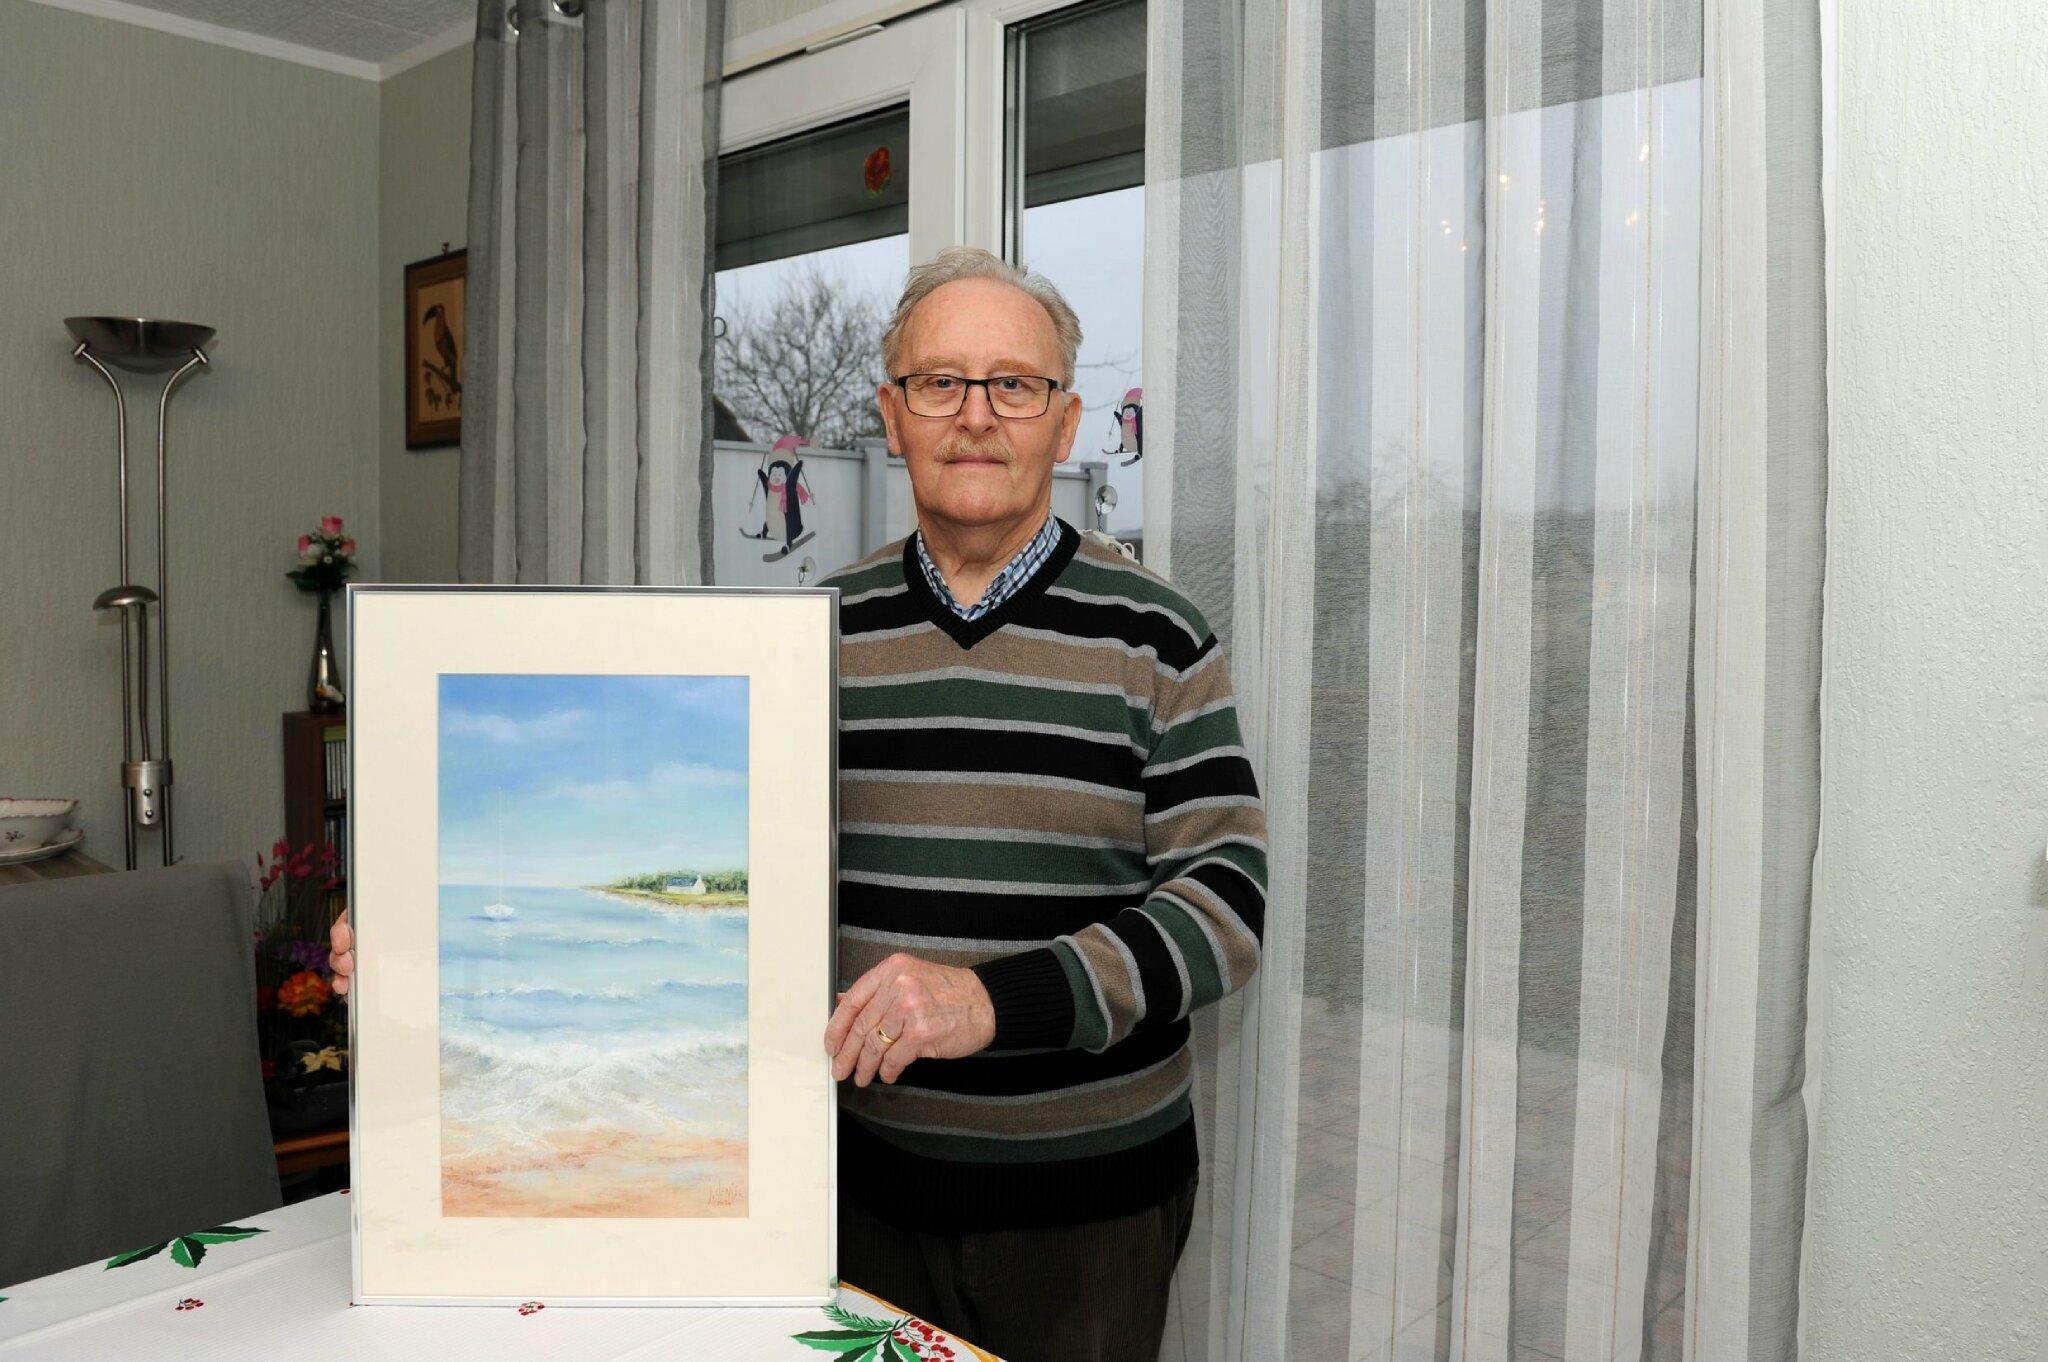 Jean FREDRICH